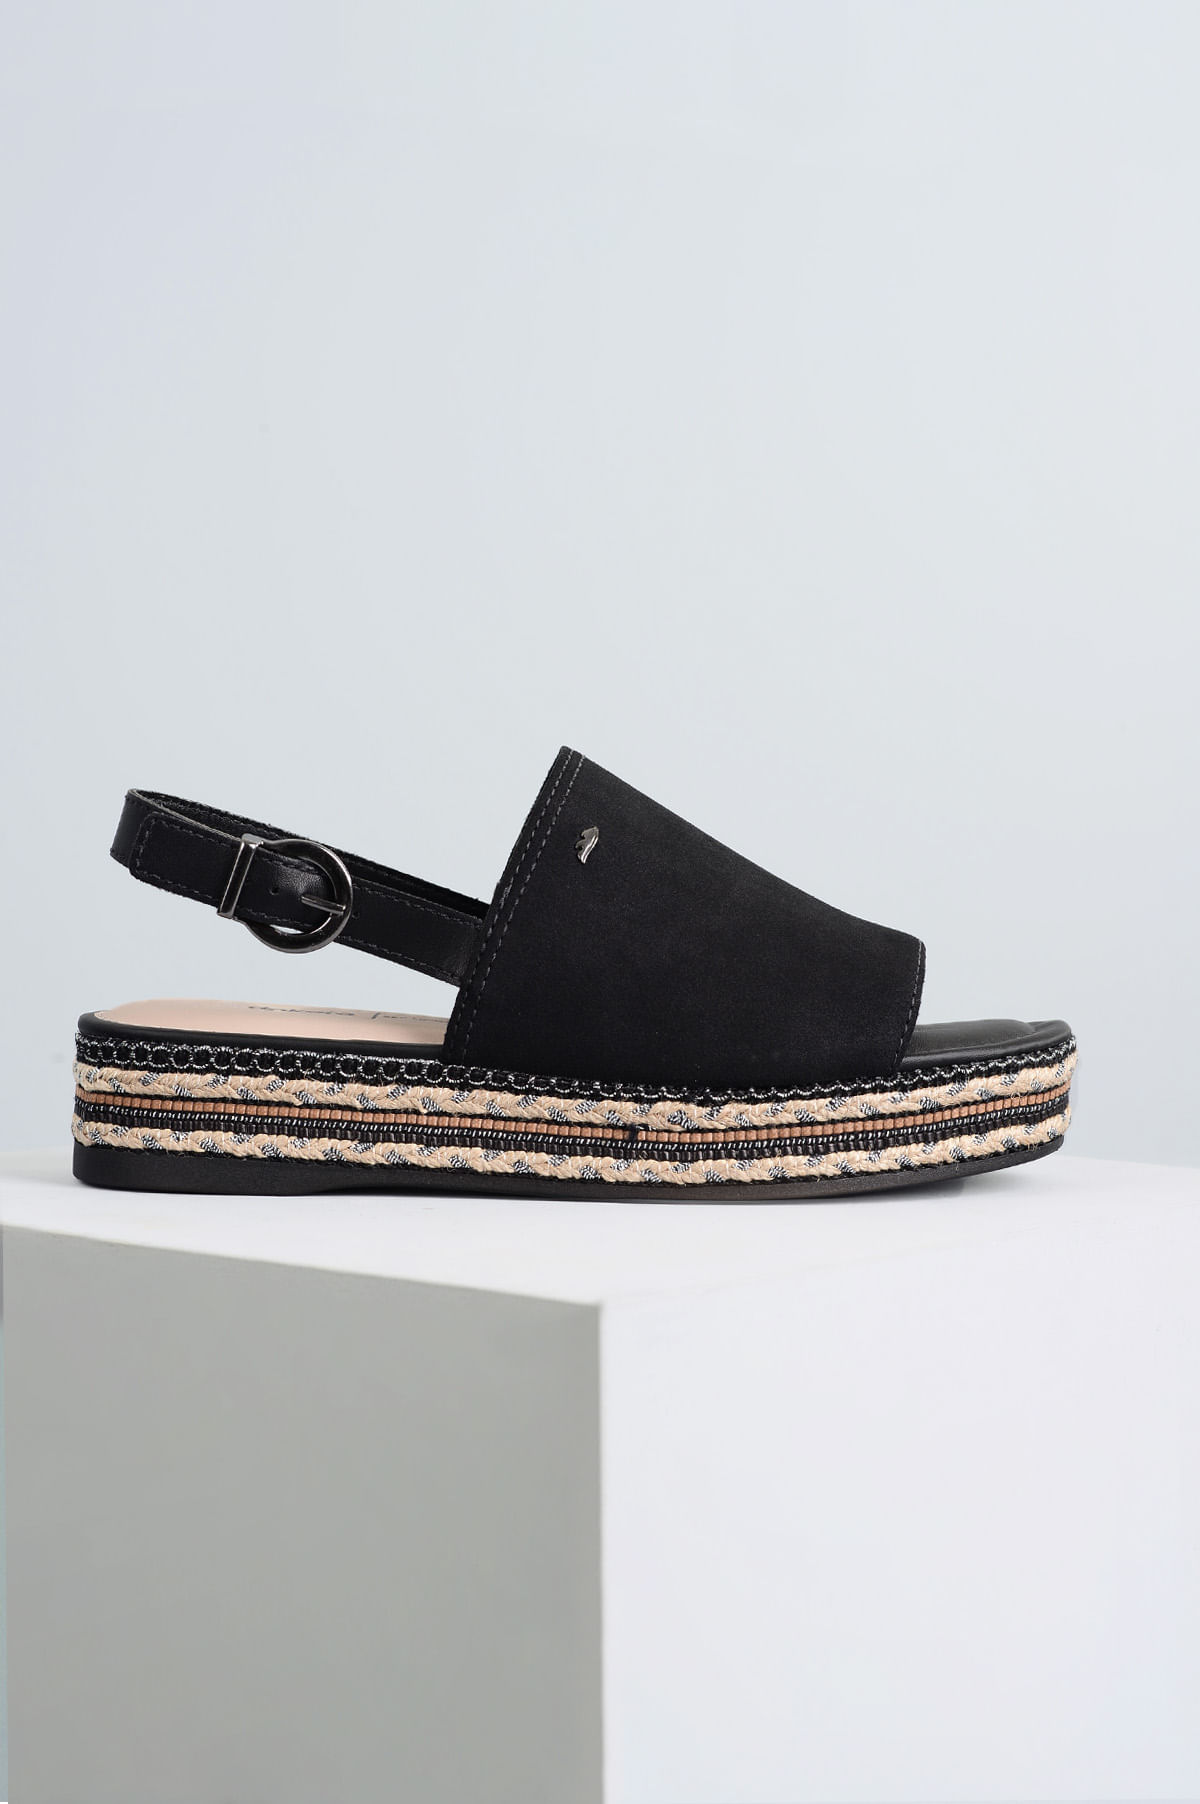 9a44105f29 Sandália Feminina Plataforma Paige Dakota CAM - PRETO - Mundial Calçados